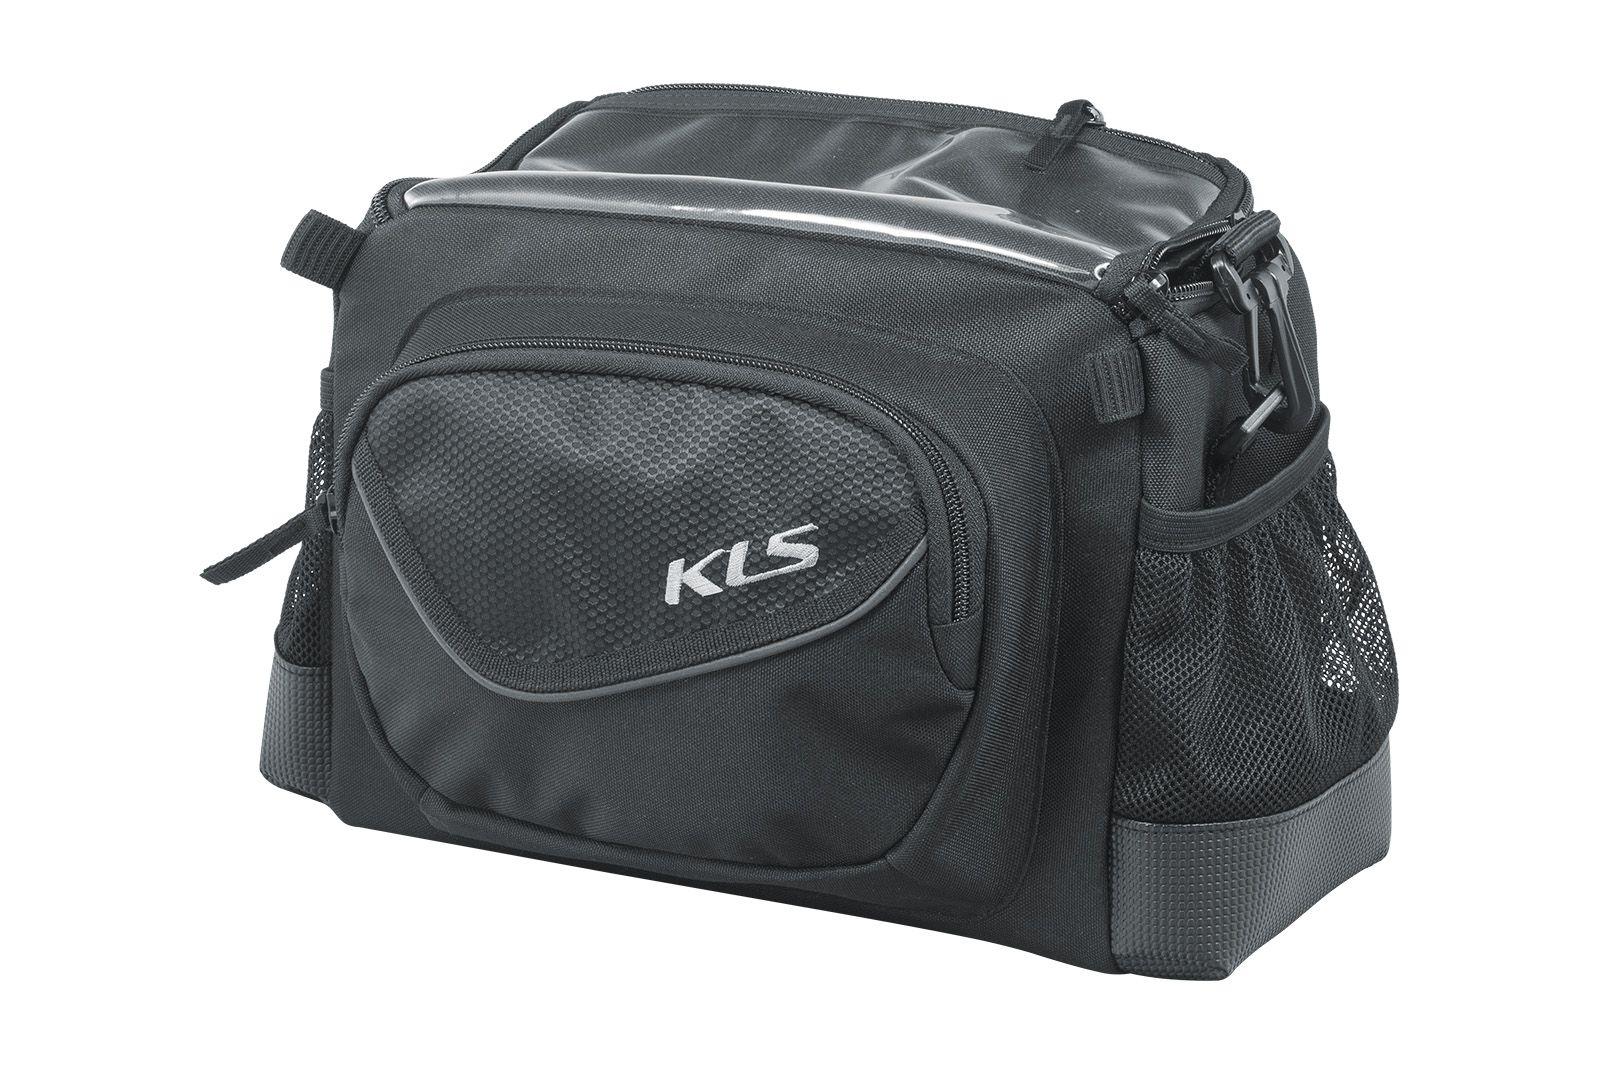 Brašna na řídítka KLS Lead 4L klickfix 25,4 až 31,8 mm černá Kellys